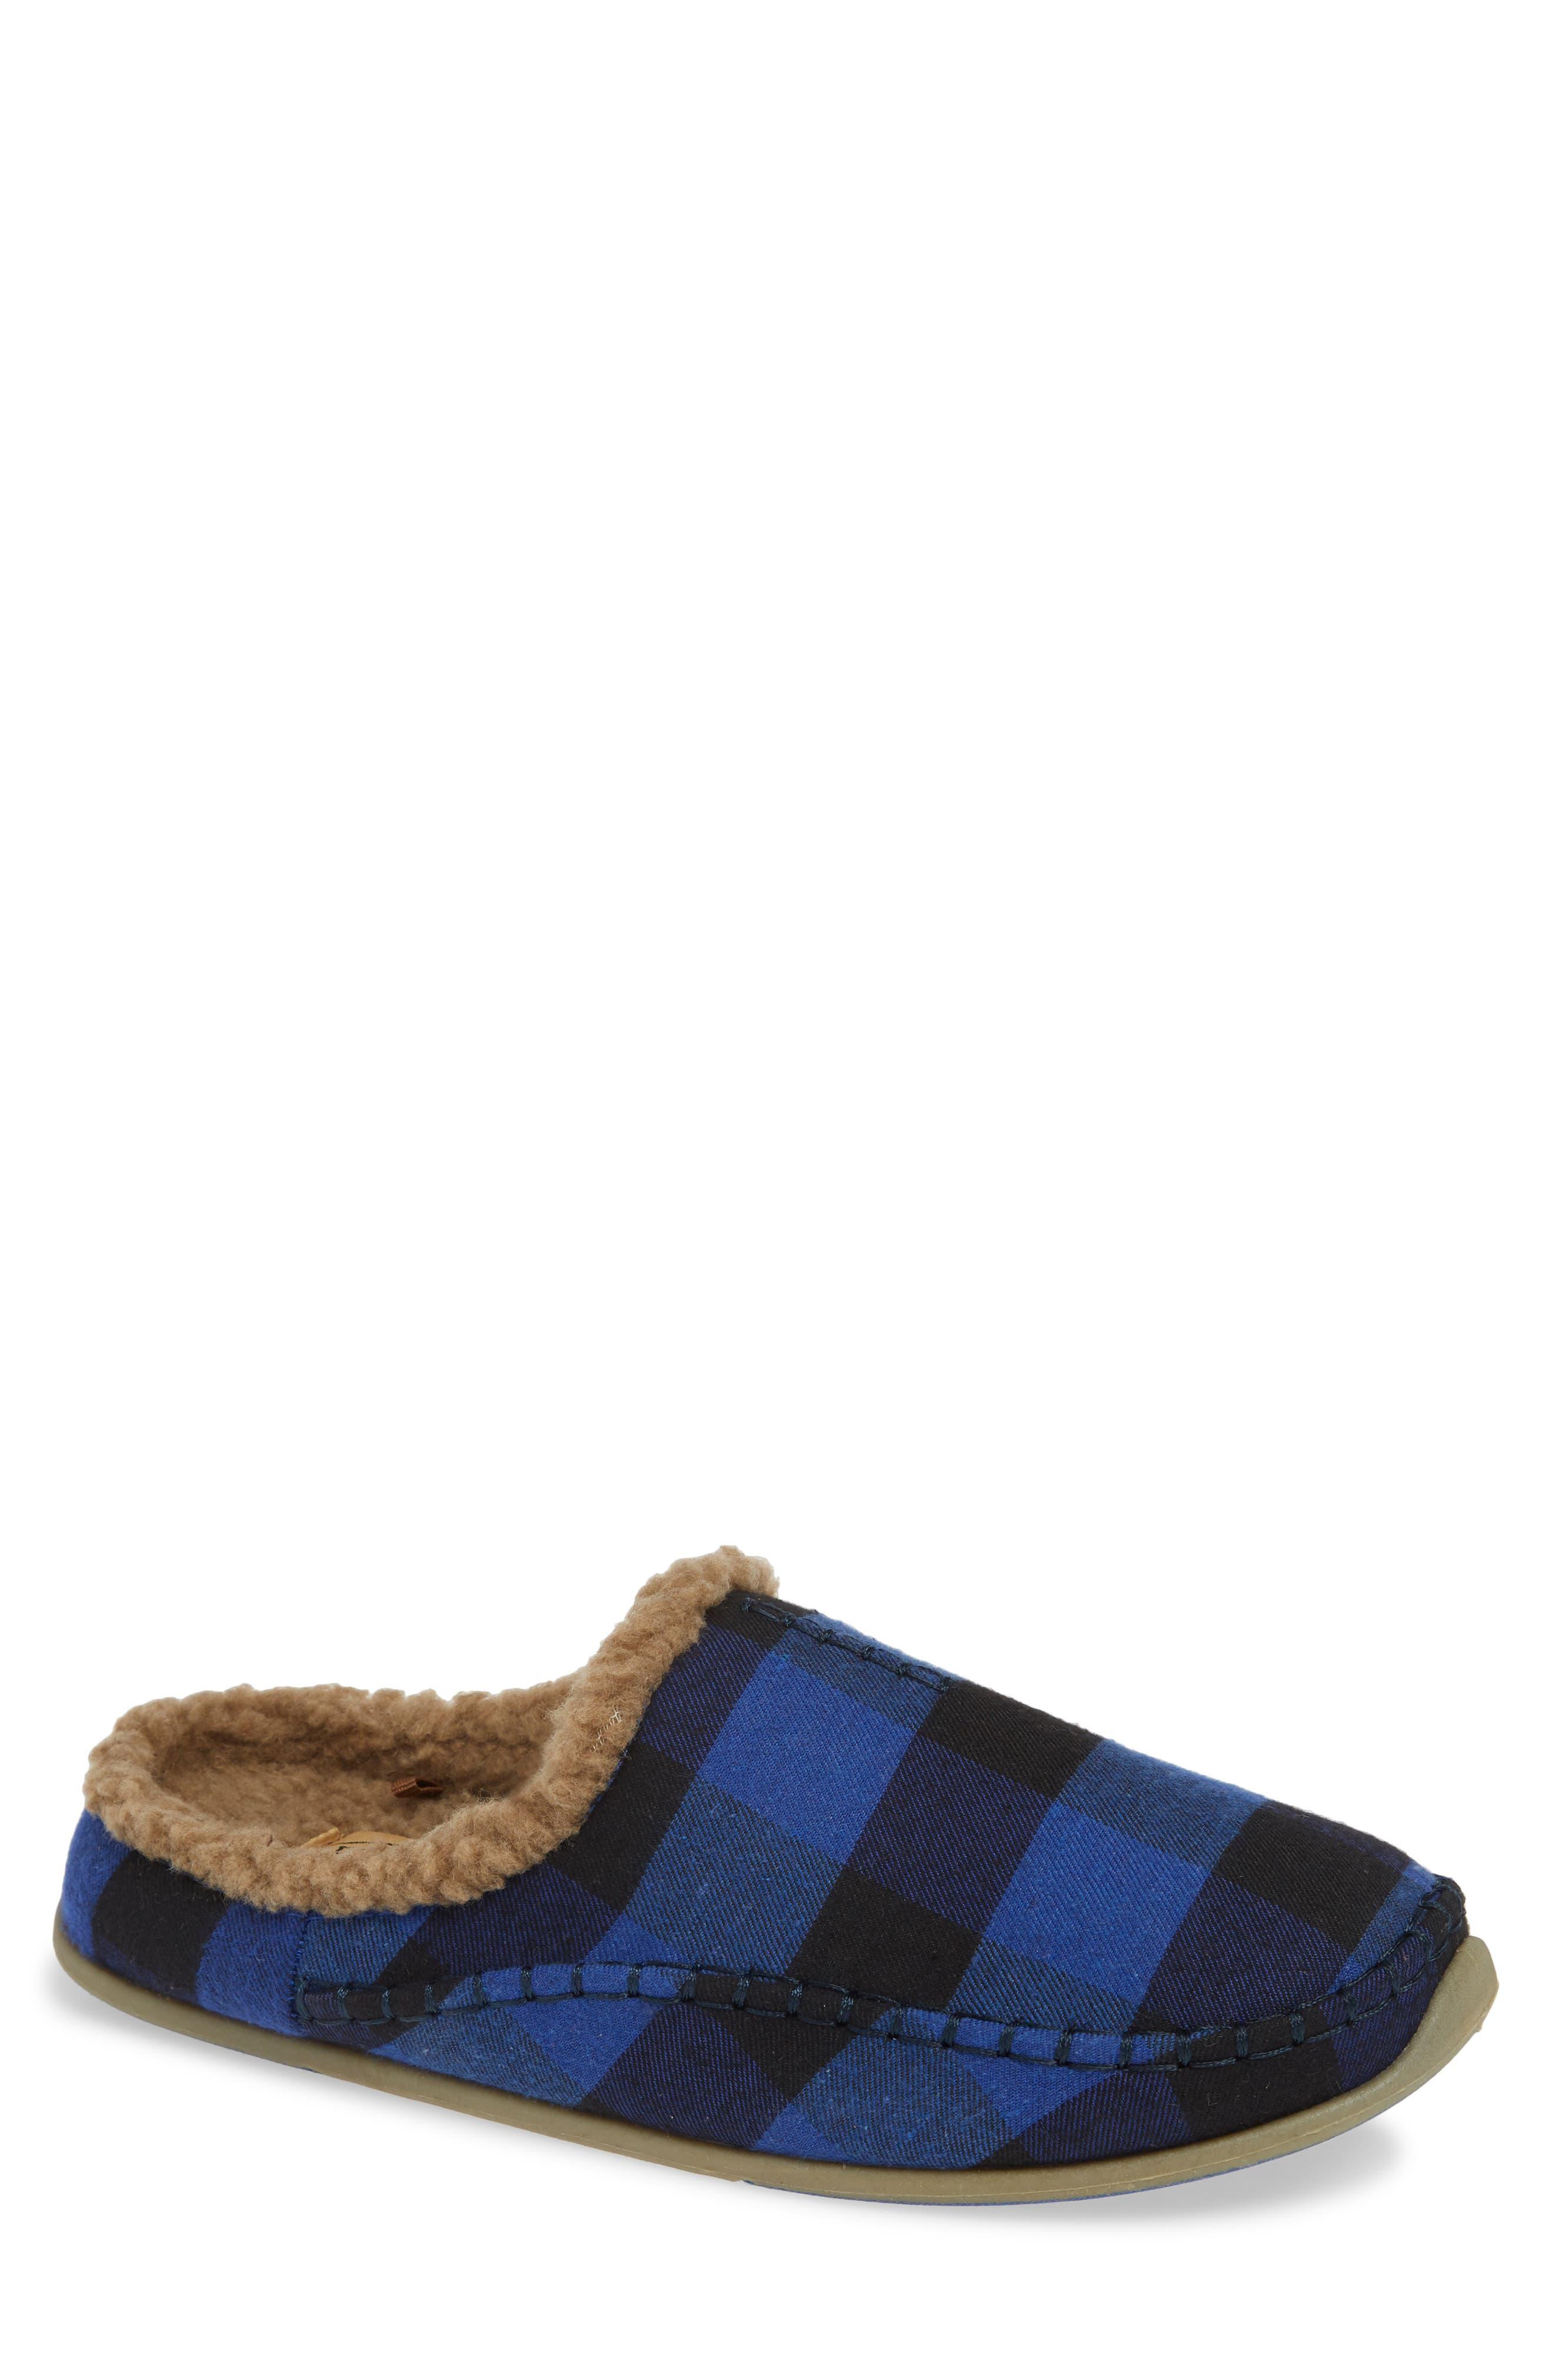 Nordic Slipper,                         Main,                         color, BLUE / BLACK